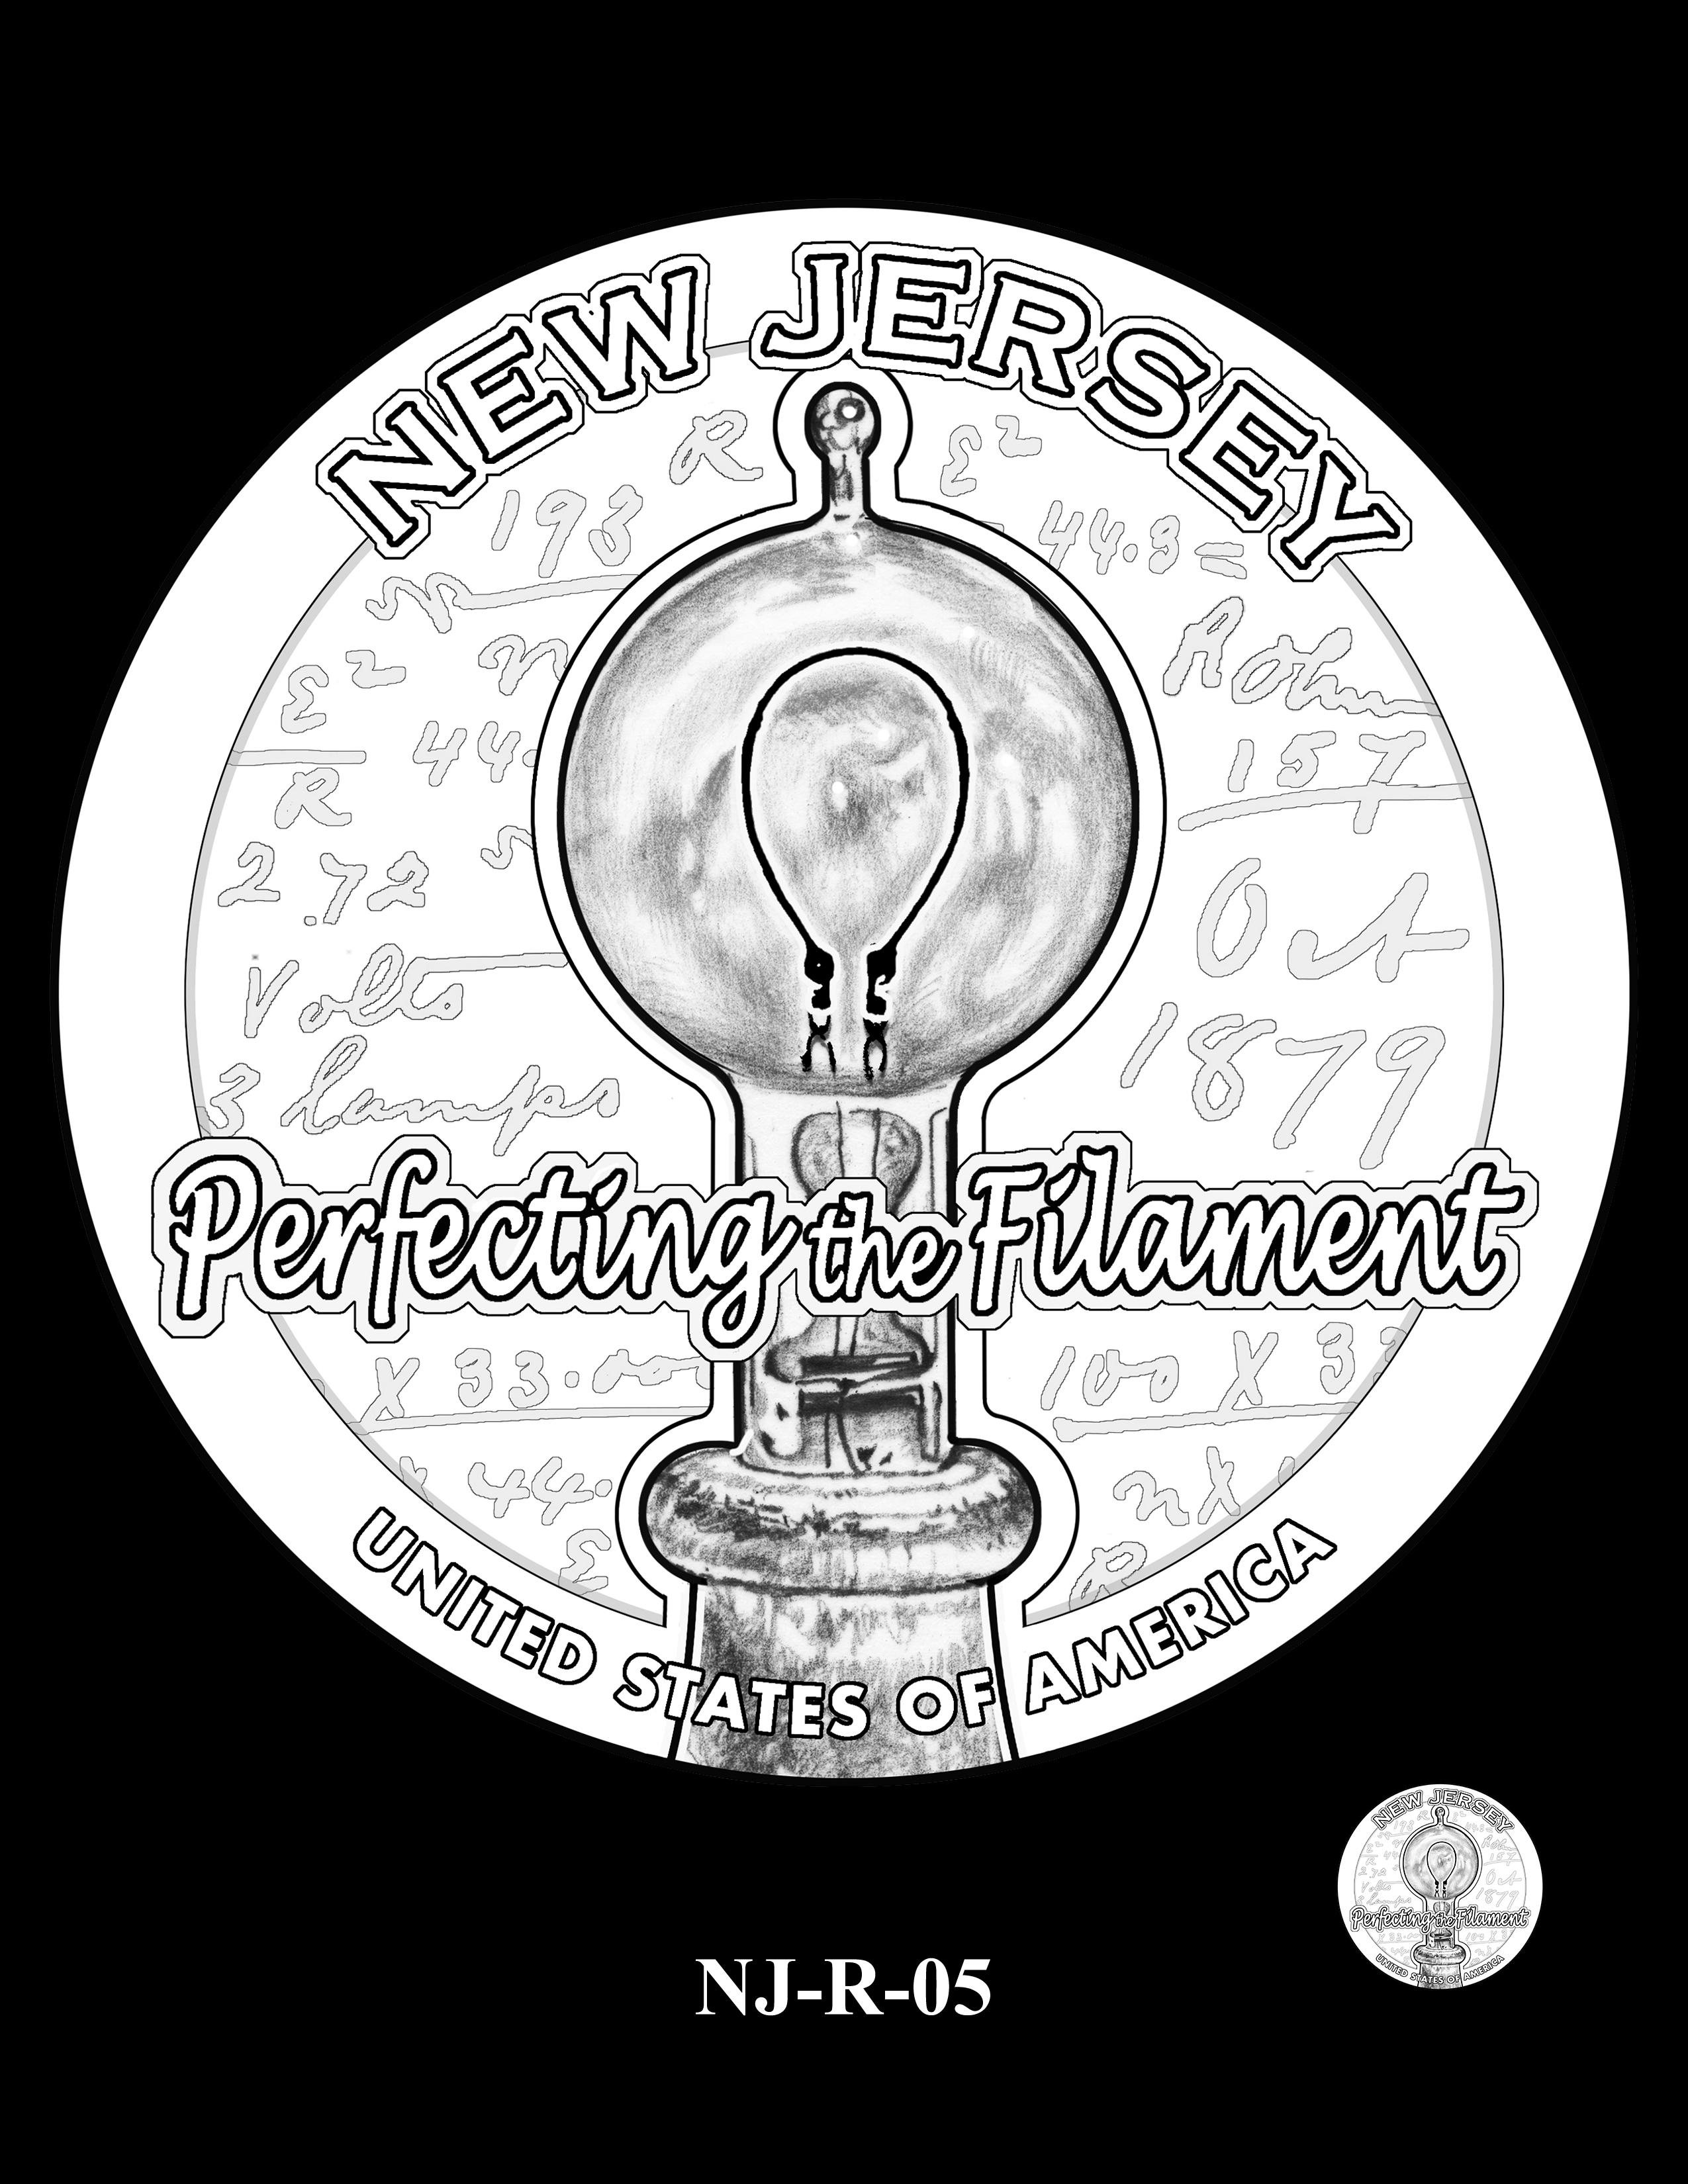 NJ-R-05 -- 2019 American Innovation $1 Coin Program